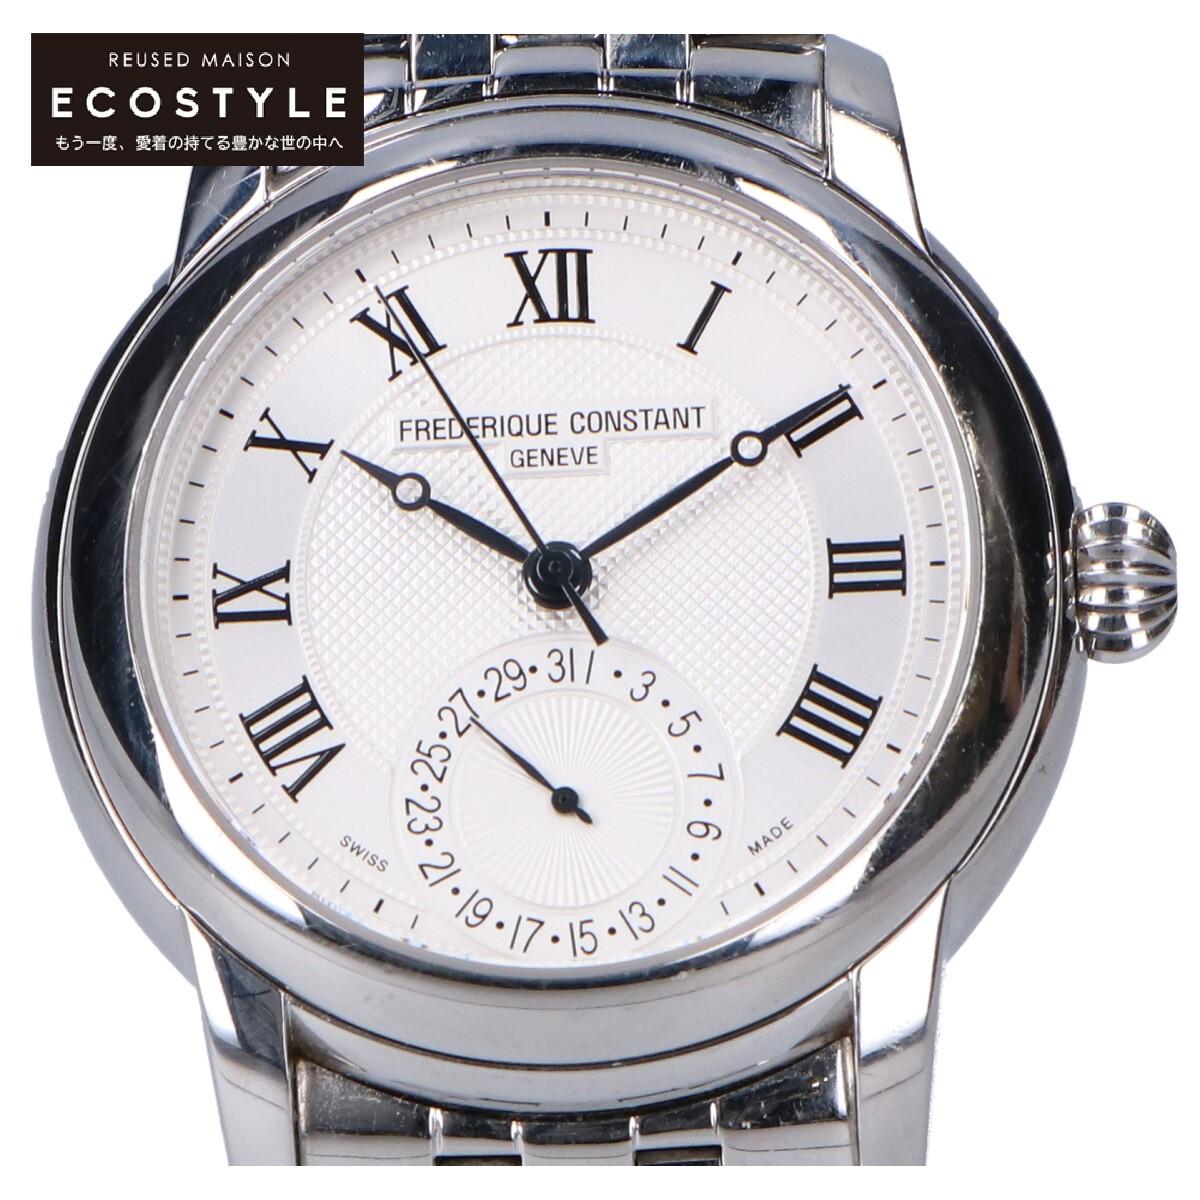 FREDERIQUE CONSTANT 売り出し フレデリックコンスタント FC 710X4H4 クラシック 流行のアイテム マニュファクチュール シルバー 中古 メンズ 腕時計